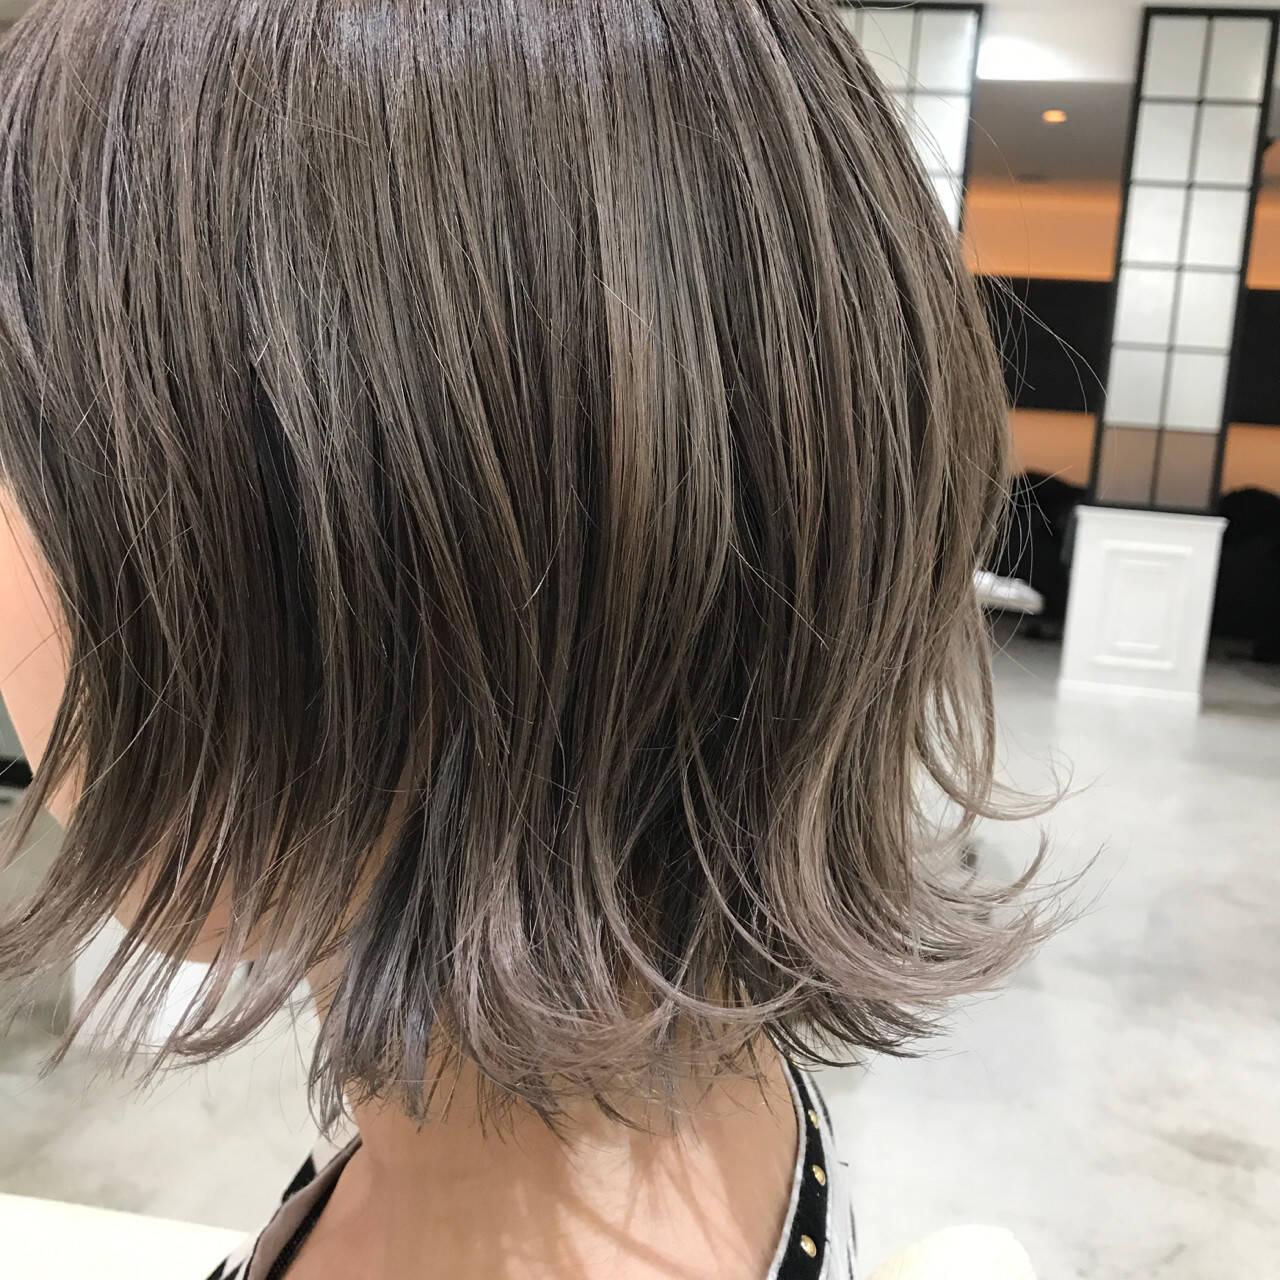 アッシュグレージュ ボブ ストリート イルミナカラーヘアスタイルや髪型の写真・画像